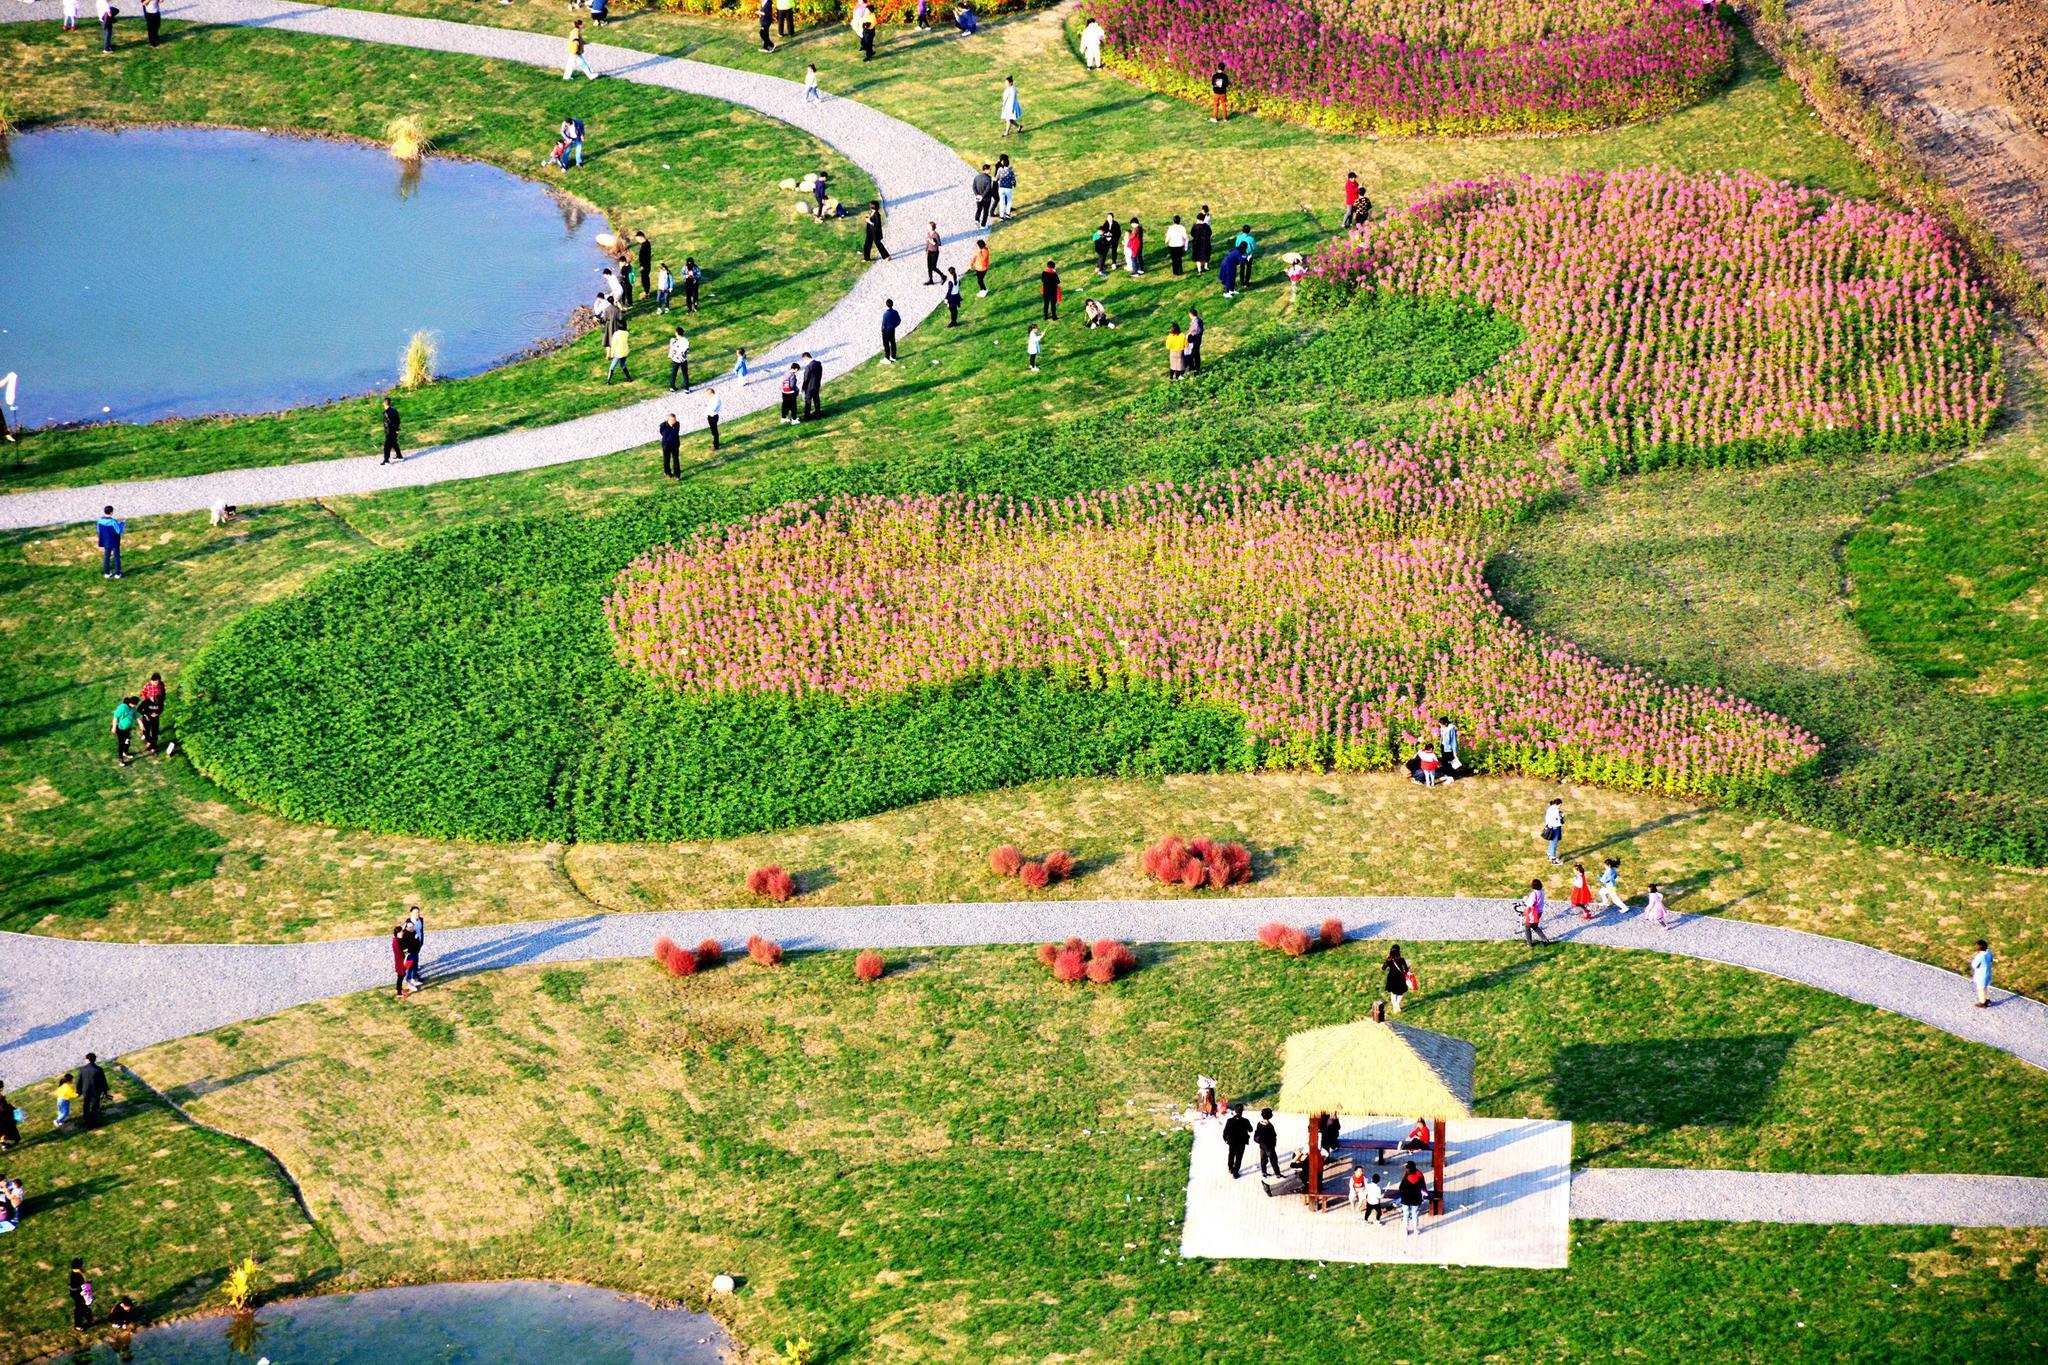 谁把颜料打翻在宛山湖边?成了调色盘,江苏无锡锡山区厚桥街道。